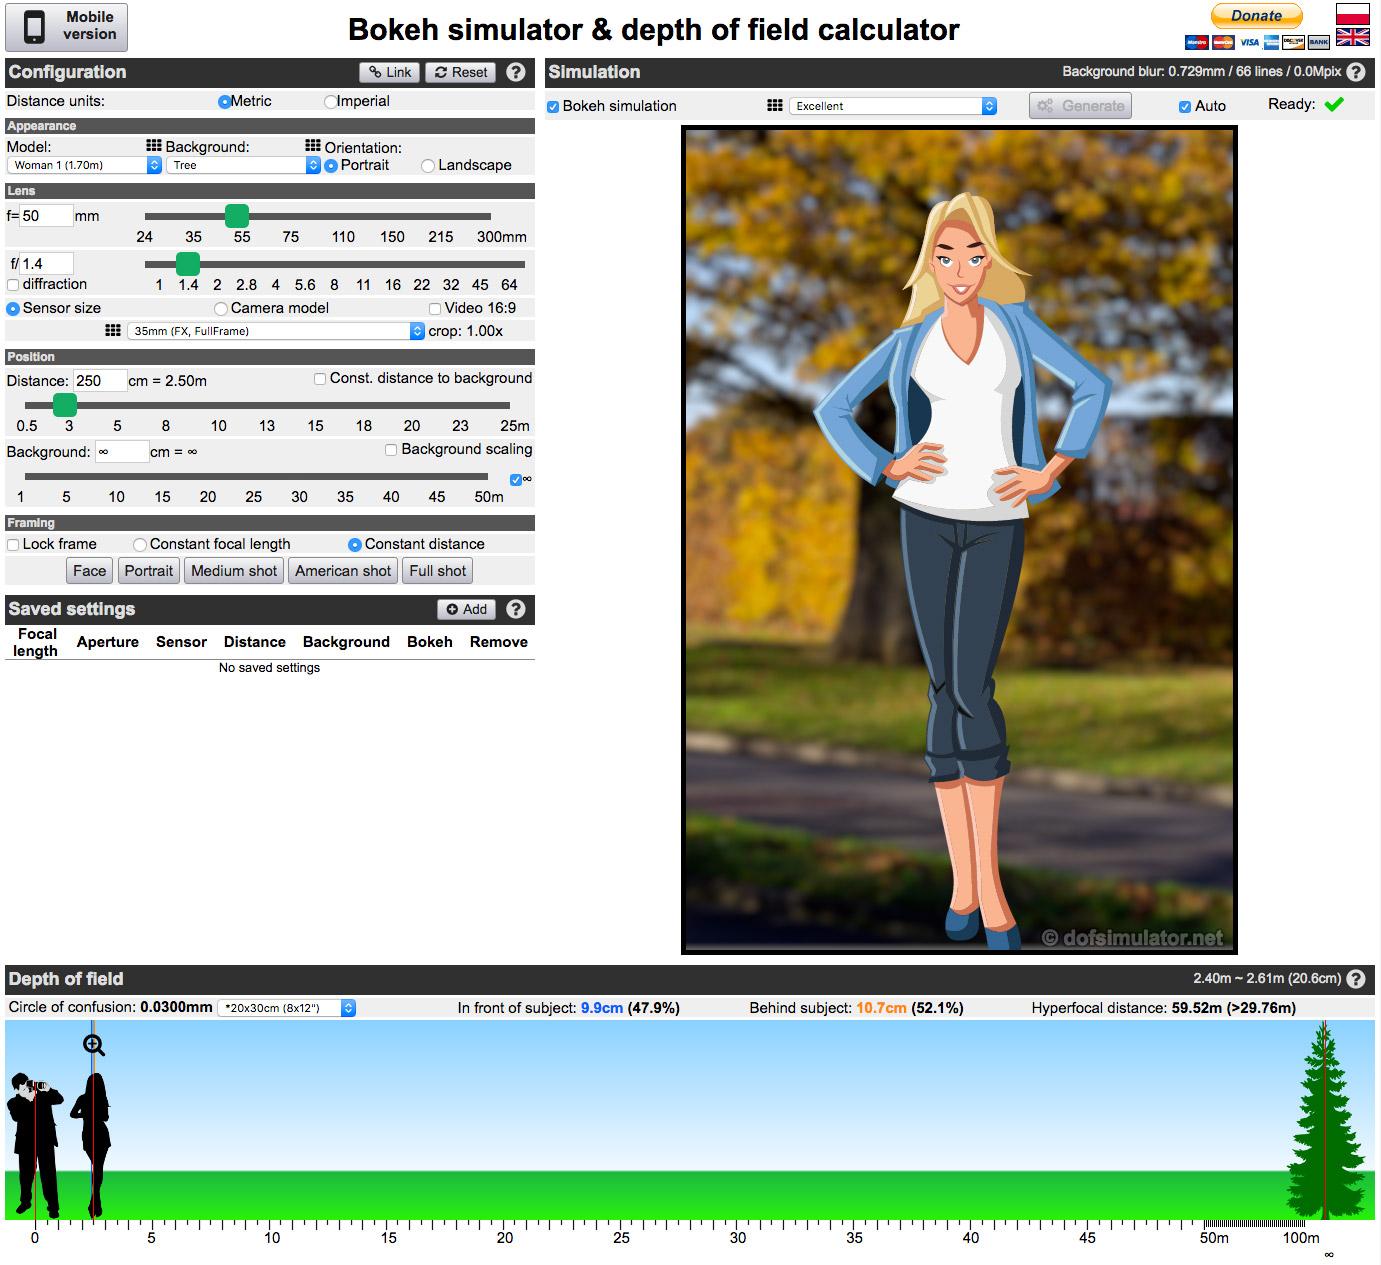 """Im Screenshot ein Beispiel wie das Bokeh bei verwendeter Vollformat-Kamera, 50 mm Brennweite, Blende 1.4 und zweieinhalb Meter Abstand zum Model aussieht. Weitere hilfreiche Anzweigen (ganz unten im Bereich """"Depth of field""""): Schärferbeich vor dem Fokuspunkt entspricht 9,9 cm und dahinter 10,7 cm. Die Schärfentiefe reicht also von 2,40 m bis 2,61 und entspricht 20,6 cm."""